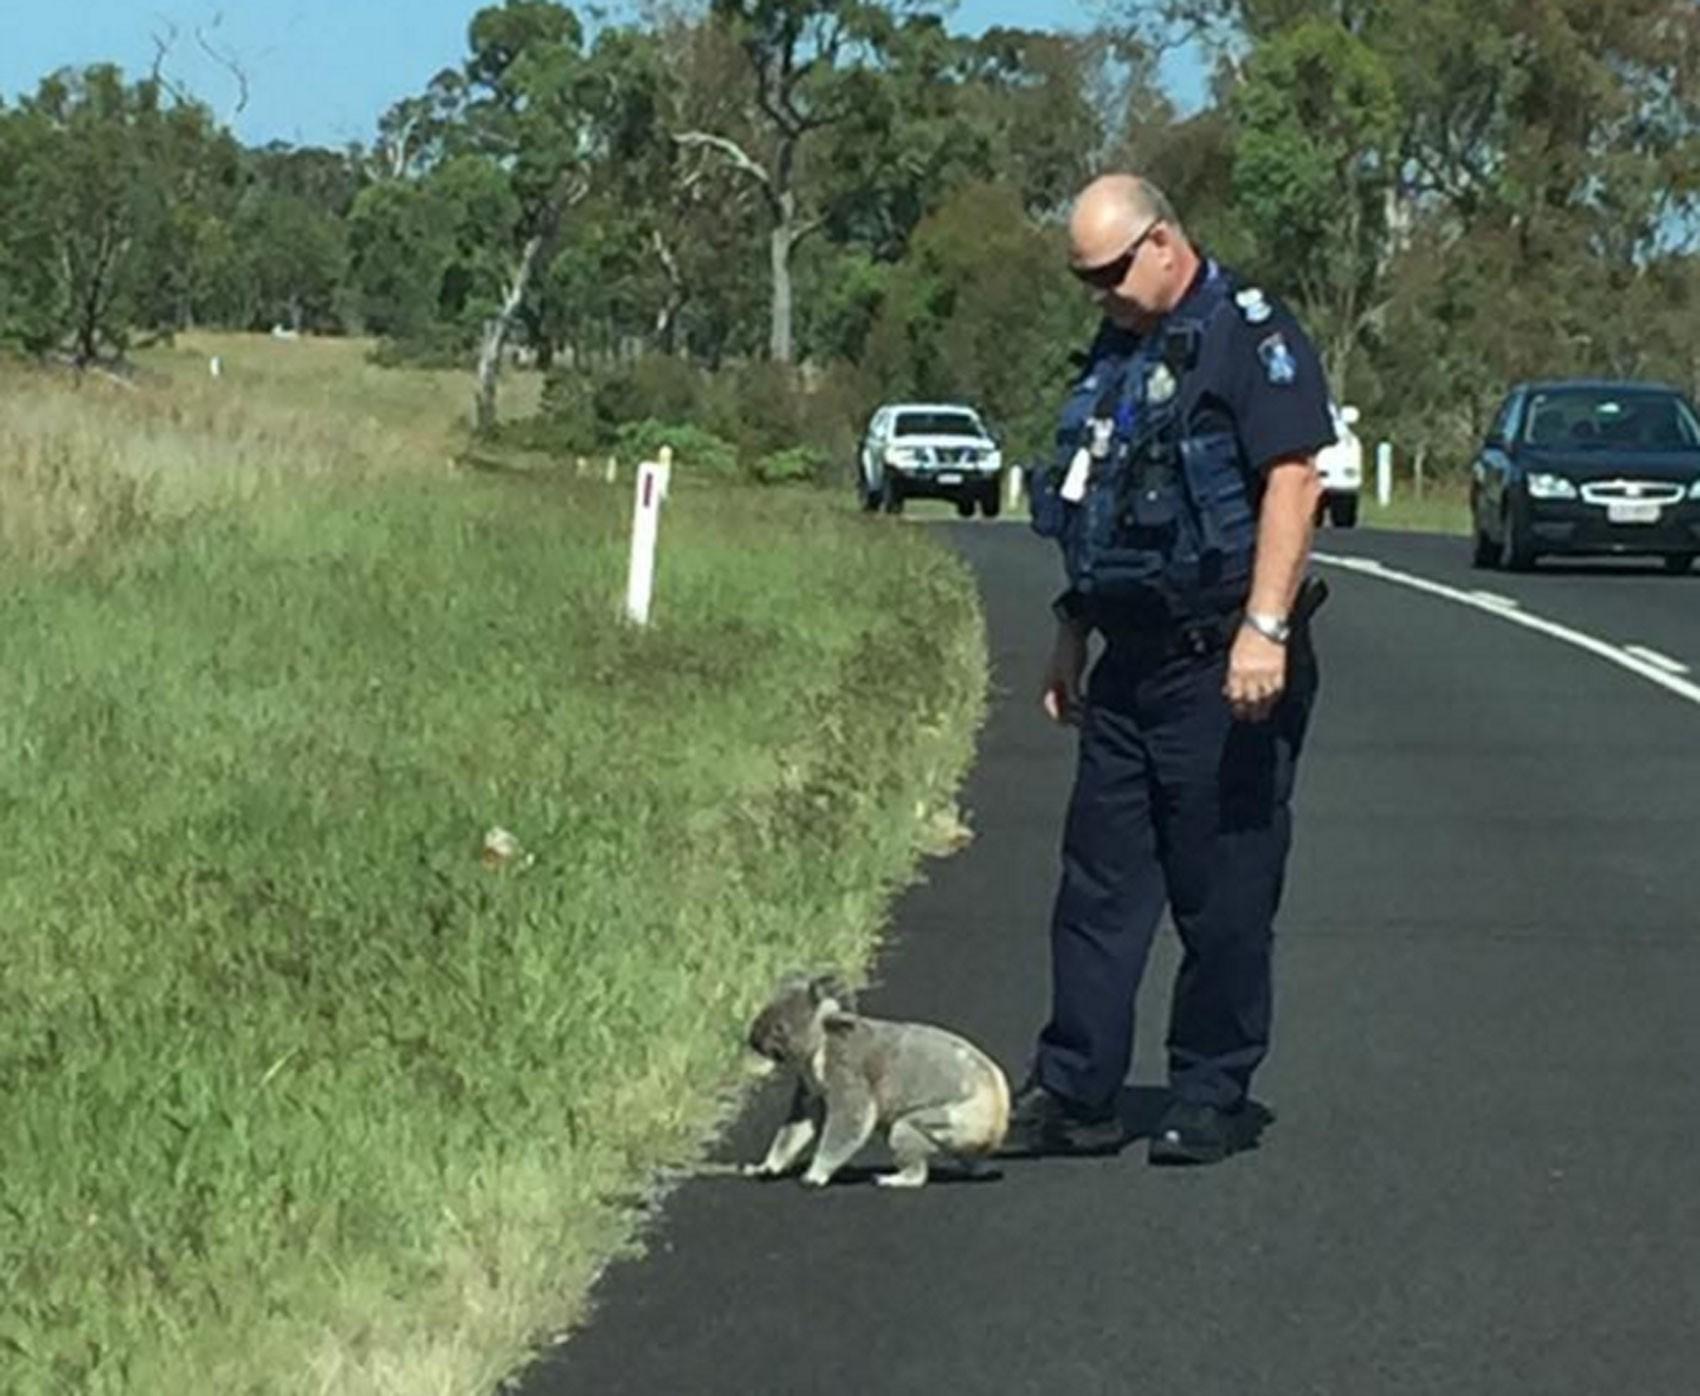 Imagens mostram que coala parou carros em rodovia (Foto: Reprodução/Facebook/Mike Phipps)